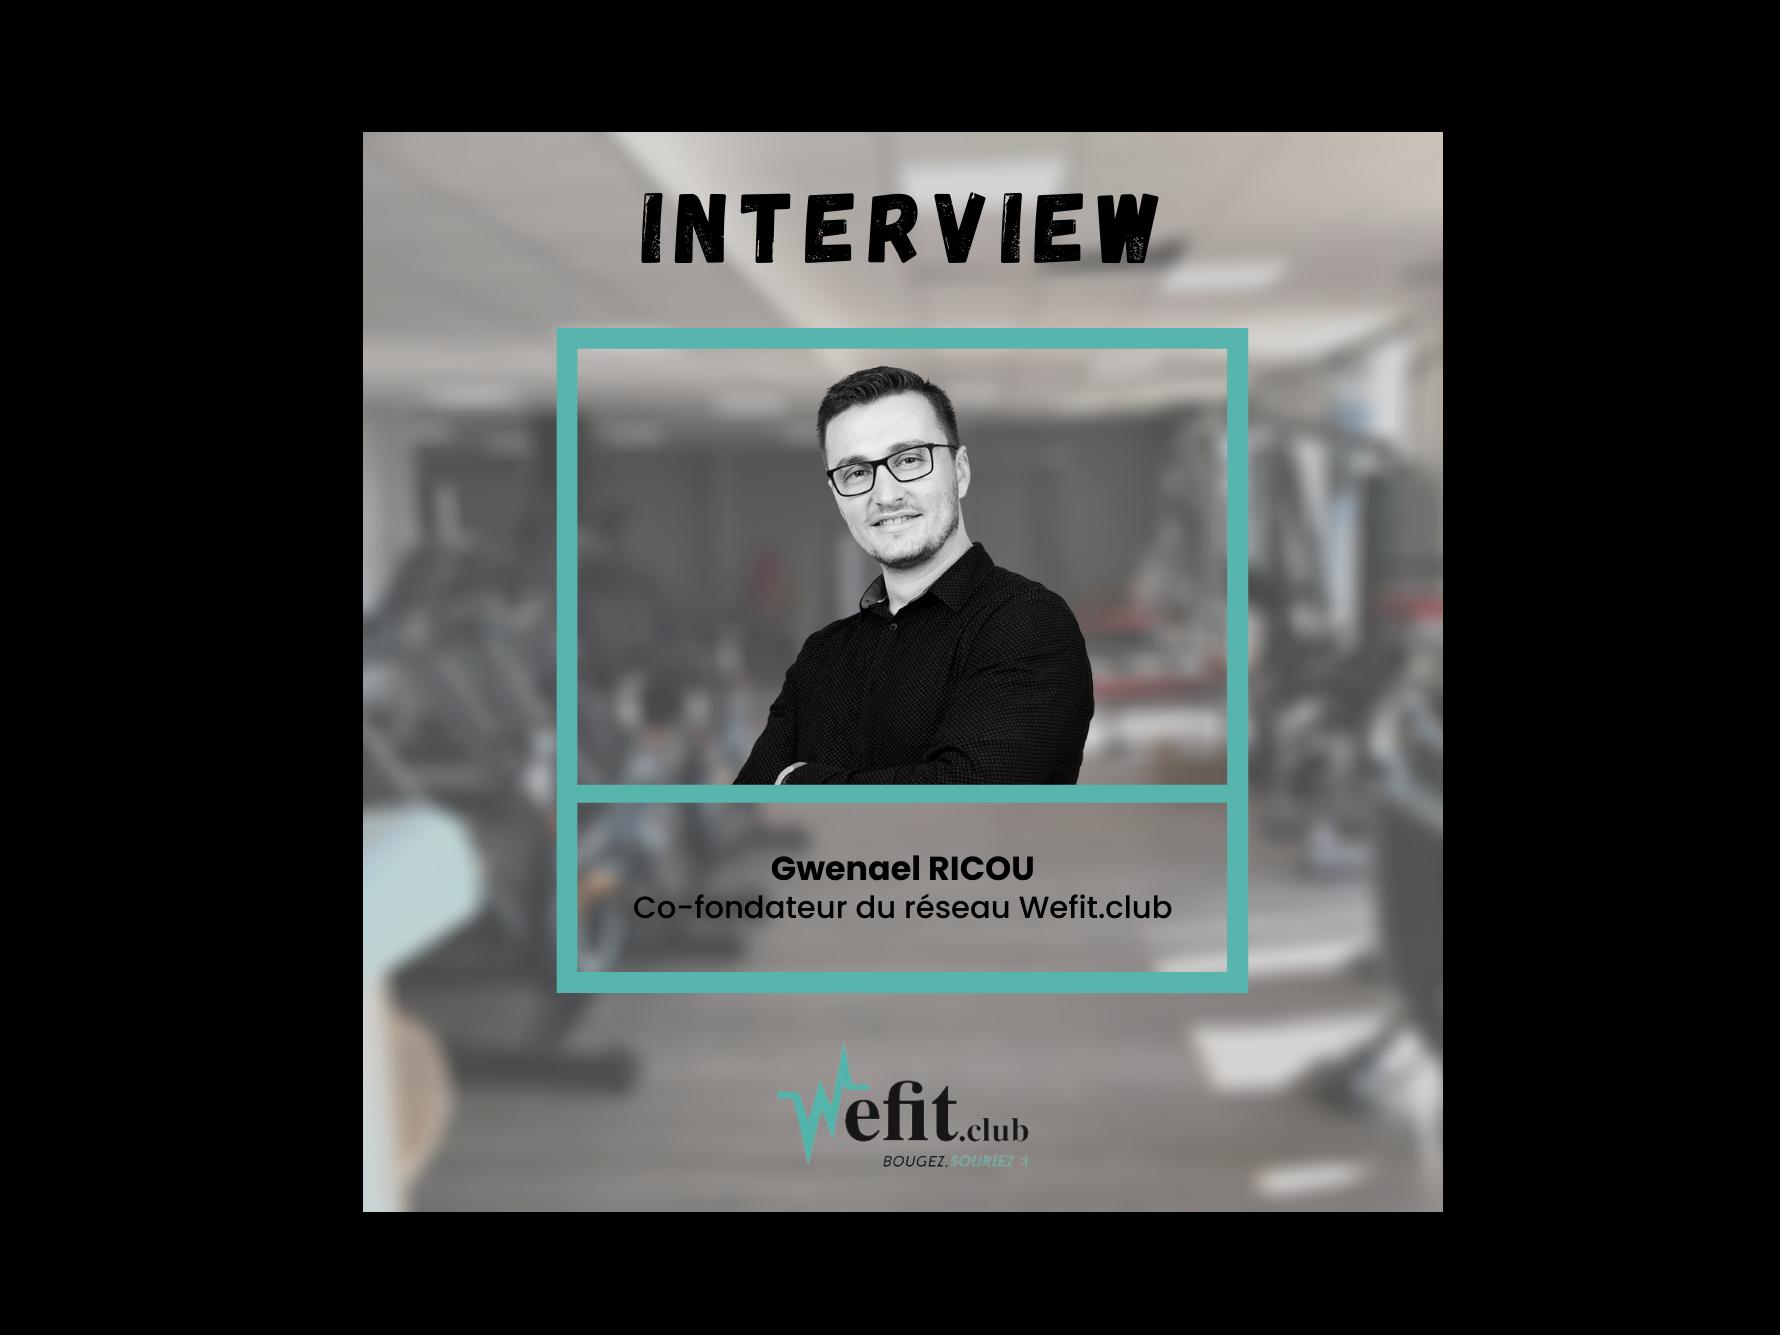 Interview de Gwenael Ricou - Co-fondateur du réseau Wefit.club